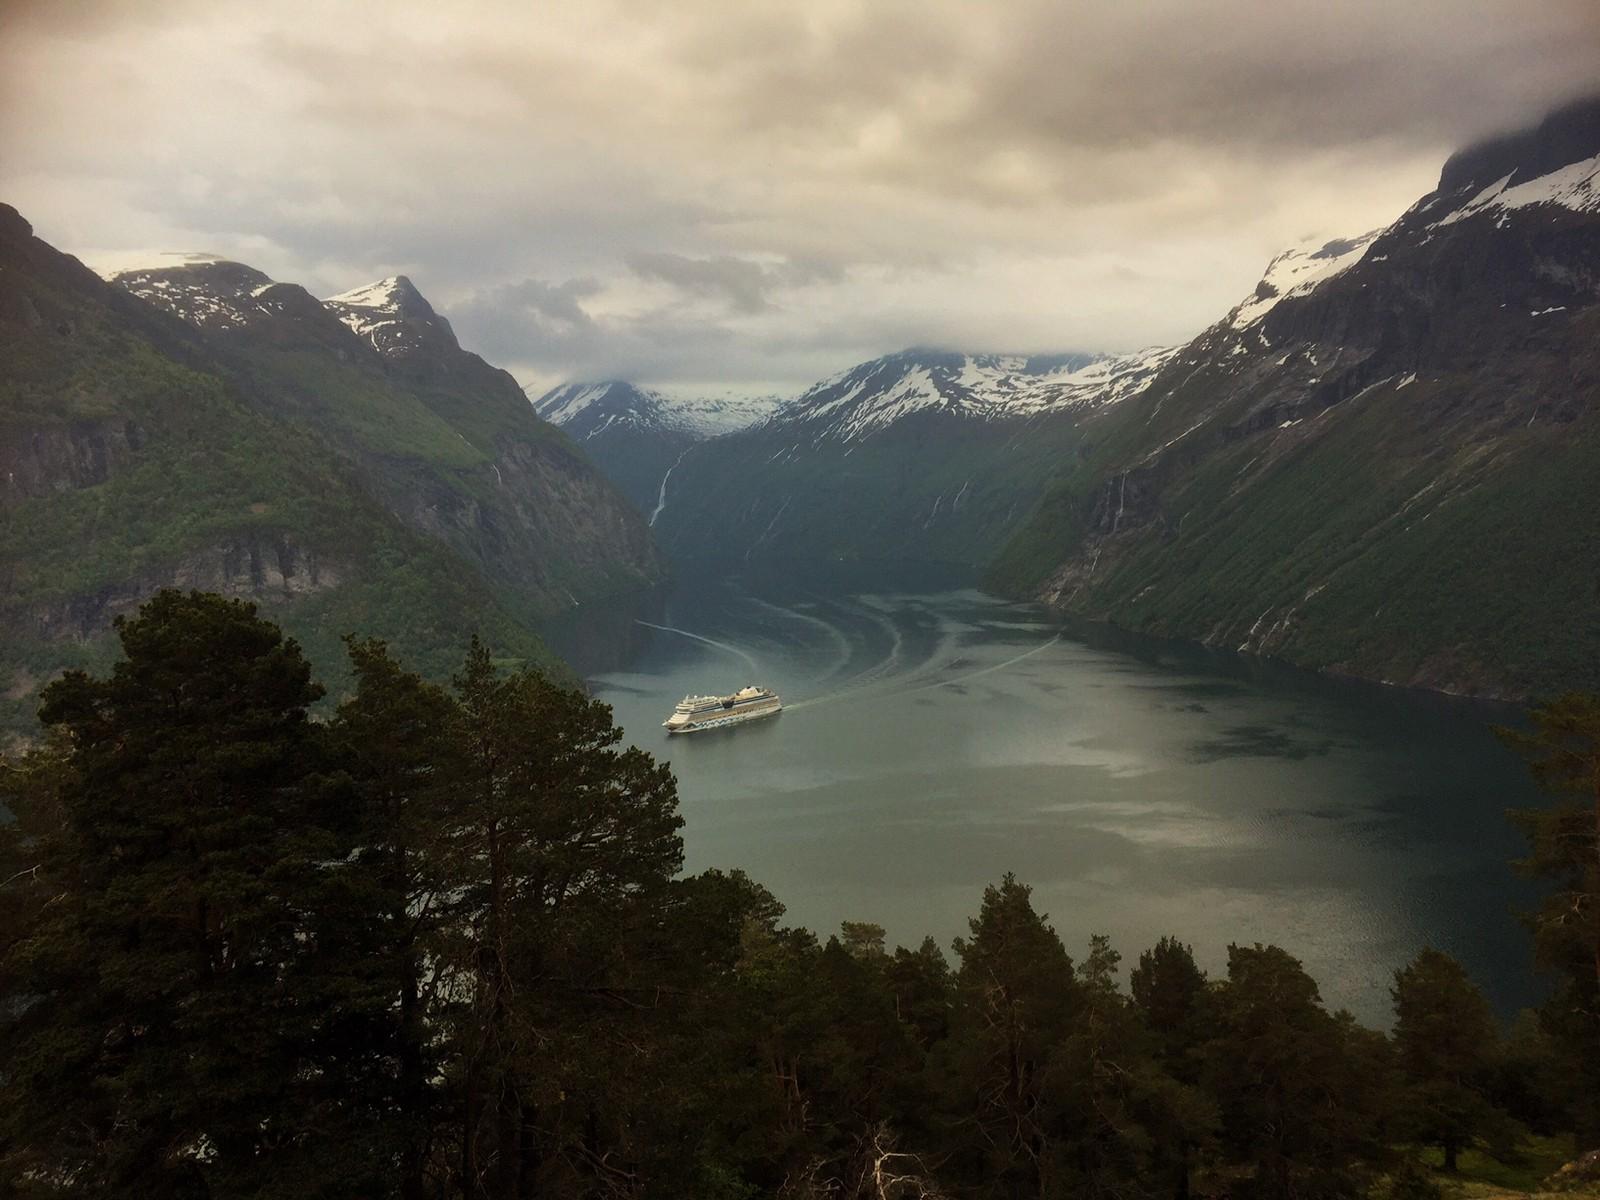 GEIRANGERFJORDEN: Verdensarven Vestnorsk fjordlandskap omfatter Geirangerfjorden i Møre og Romsdal og Nærøyfjorden i Sogn og Fjordane. De to spektakulære fjordområdene ligger 120 km fra hverandre og er geologisk sett eksempler på klassiske fjordlandskap. De viser hvordan landskapet har utviklet seg fra den siste istida fram til i dag.